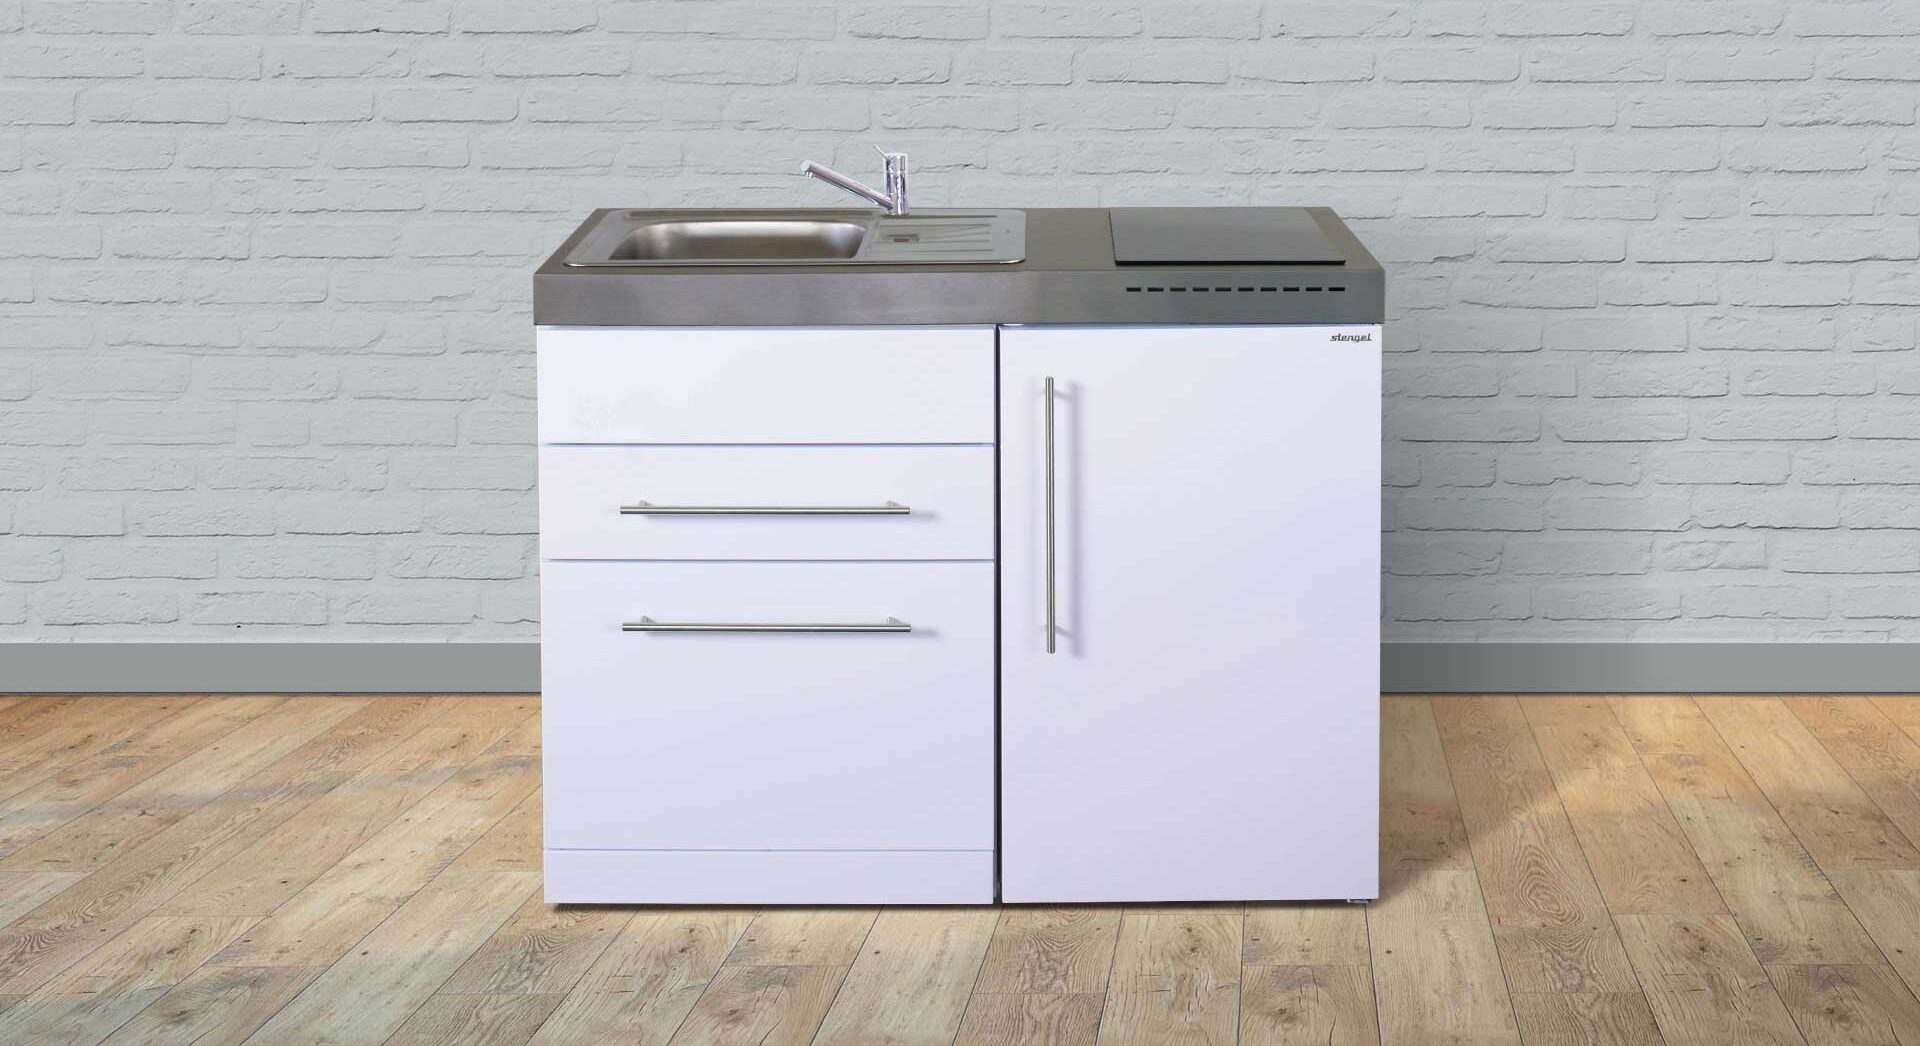 Minikøkken MPGS 110 S (stålkøkken) - lille kompakt alt-i-et køkken i bæredygtige materialer og med energibesparende hvidevarer - fra Kimbrer Lines, Røjbækvej 3, 9640 Farsø, tlf. 2512 6789